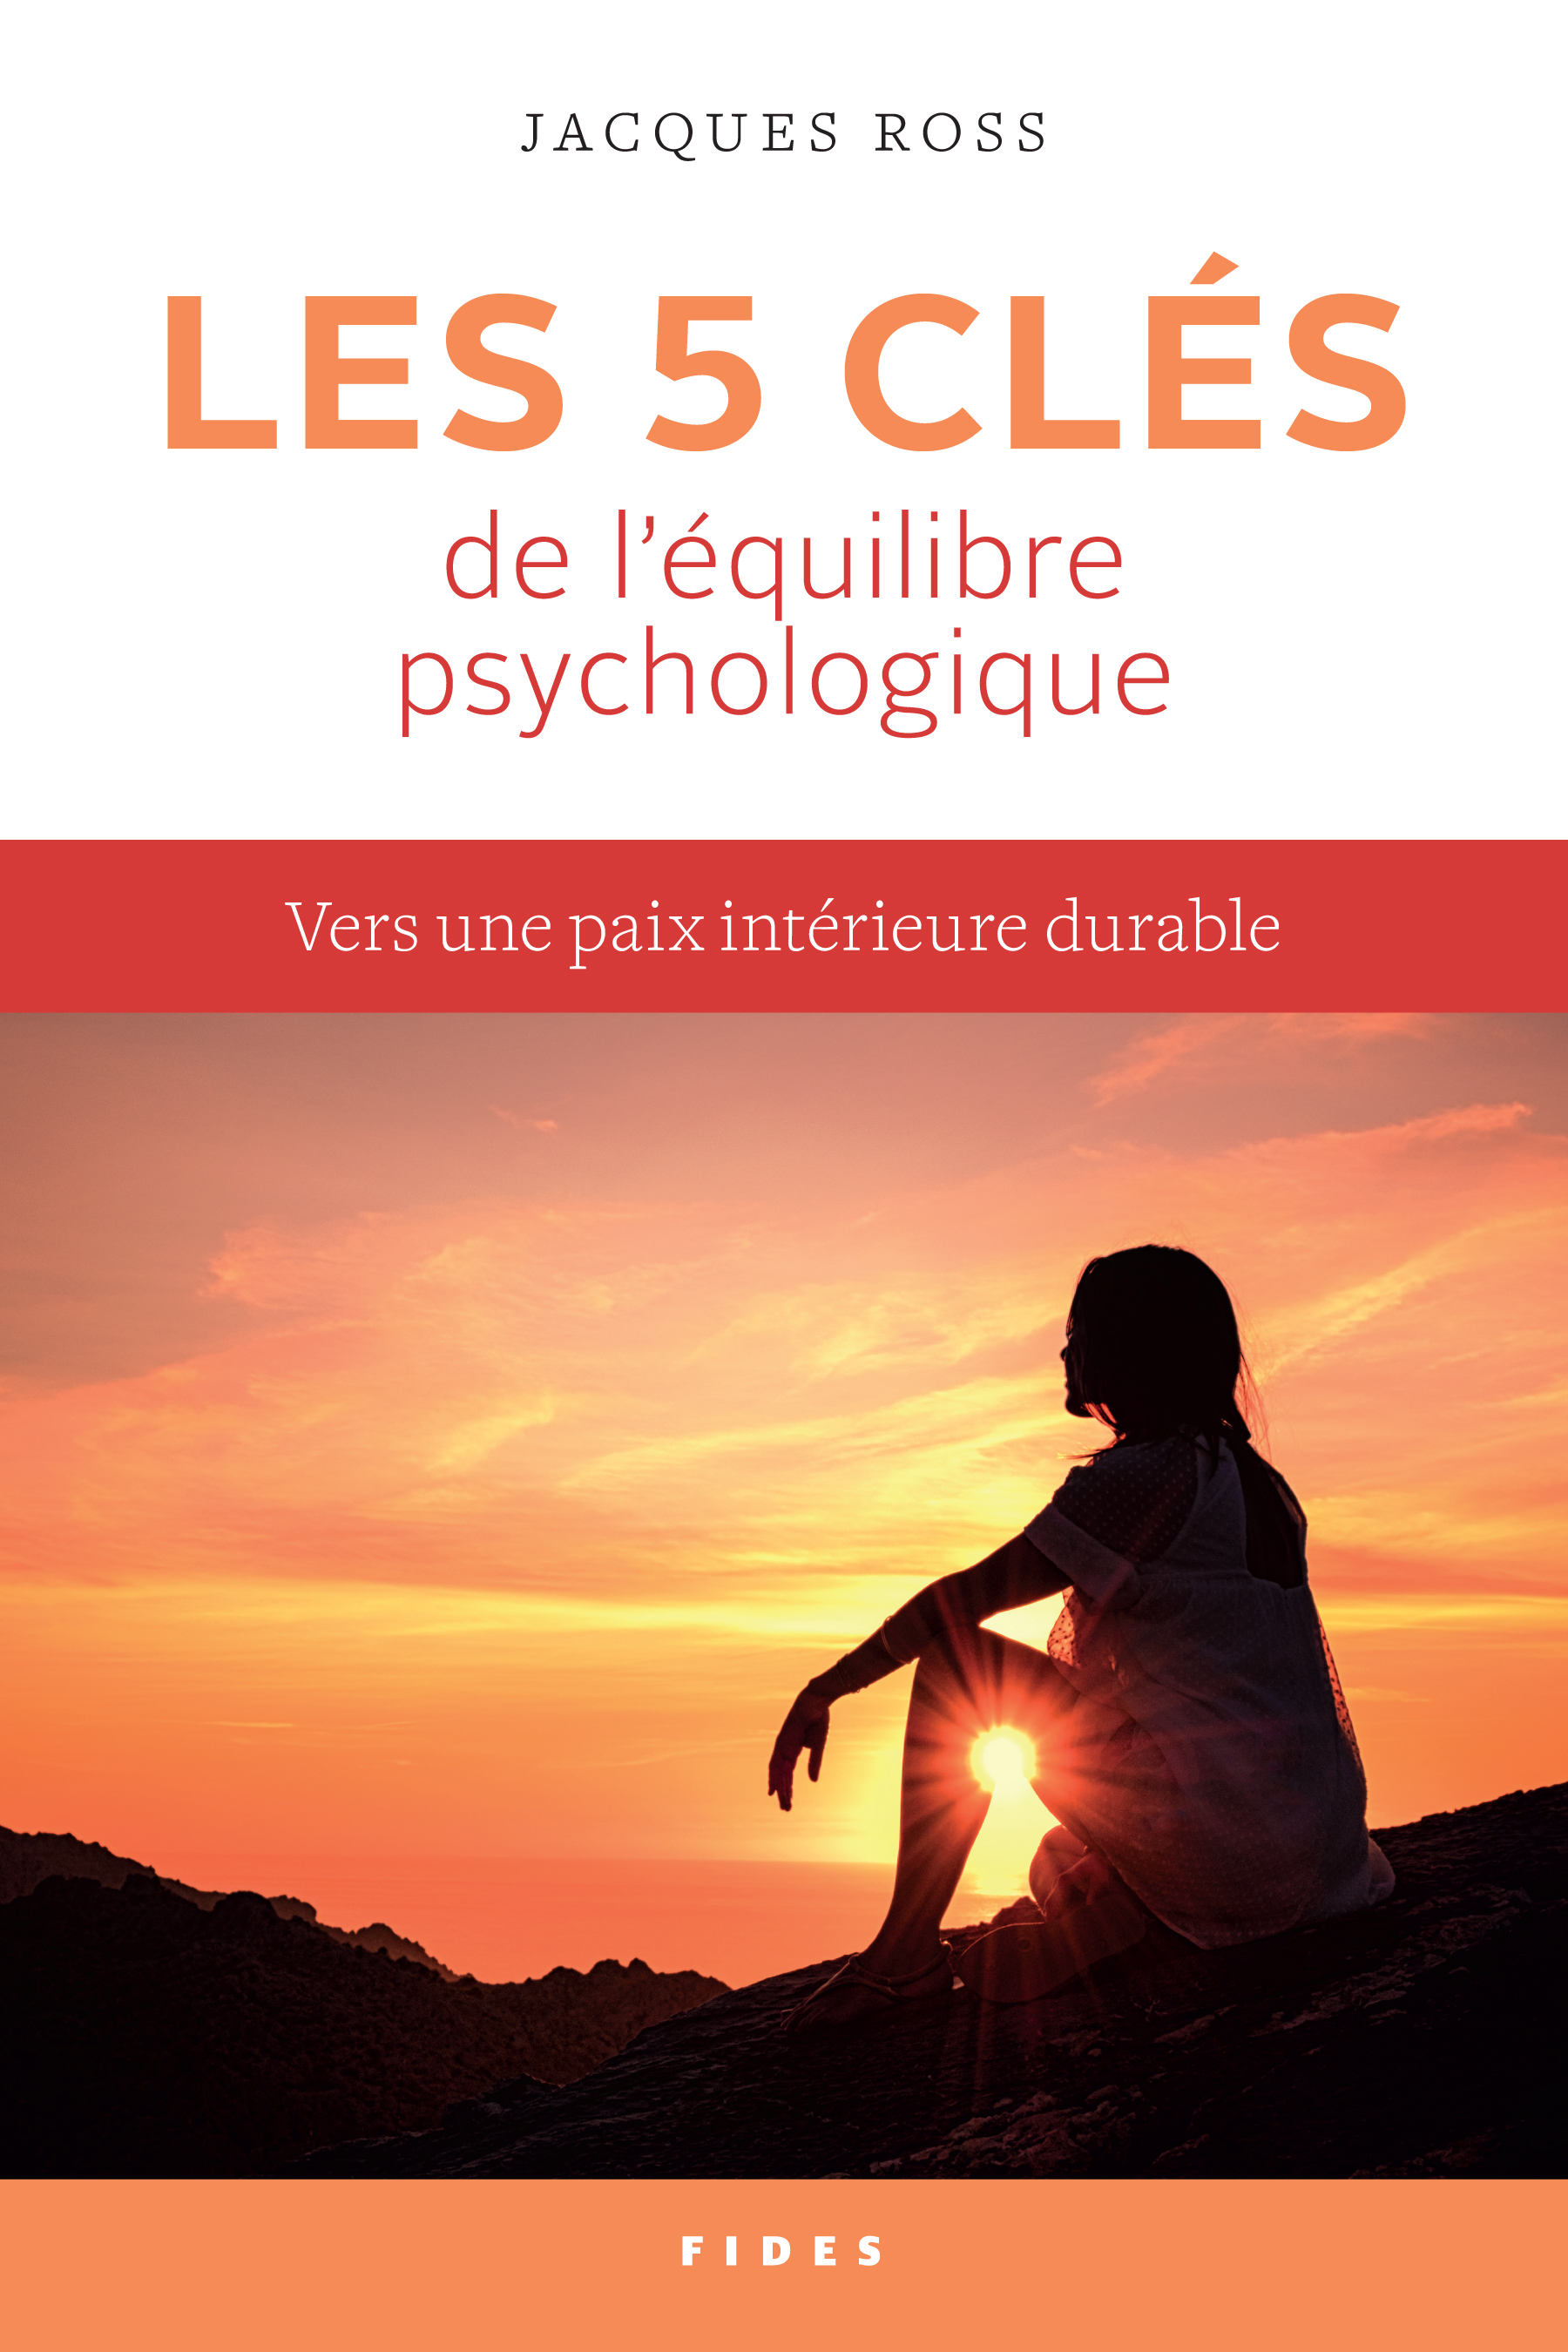 Les 5 clés de l'équilibre psychologique